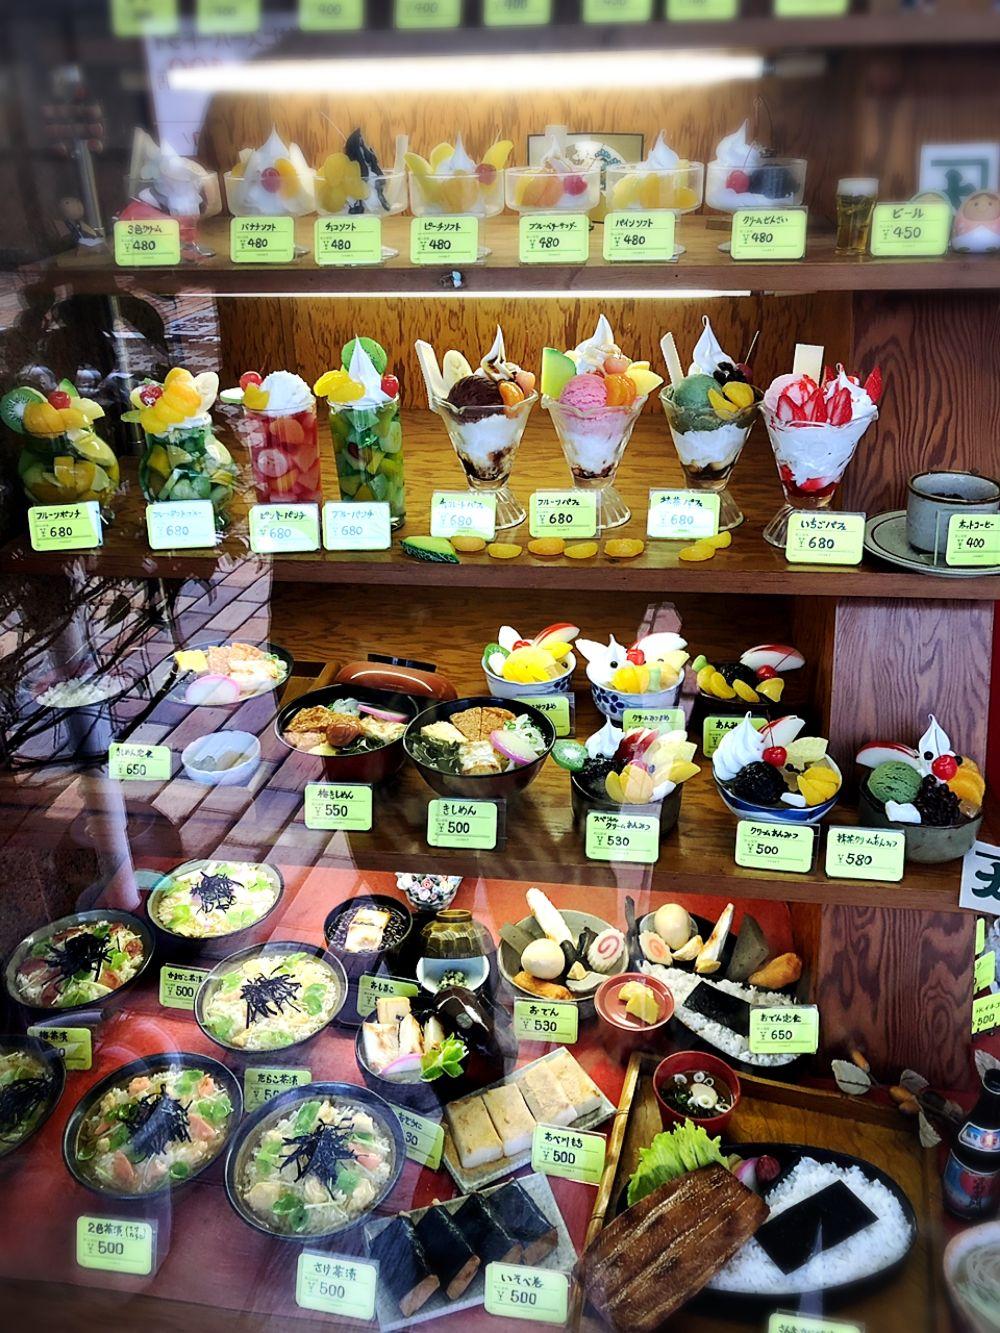 おすすめの喫茶店・カフェ特集 - 東京のレトロな喫茶店4選など、全国のフォトジェニックなカフェまとめ_19